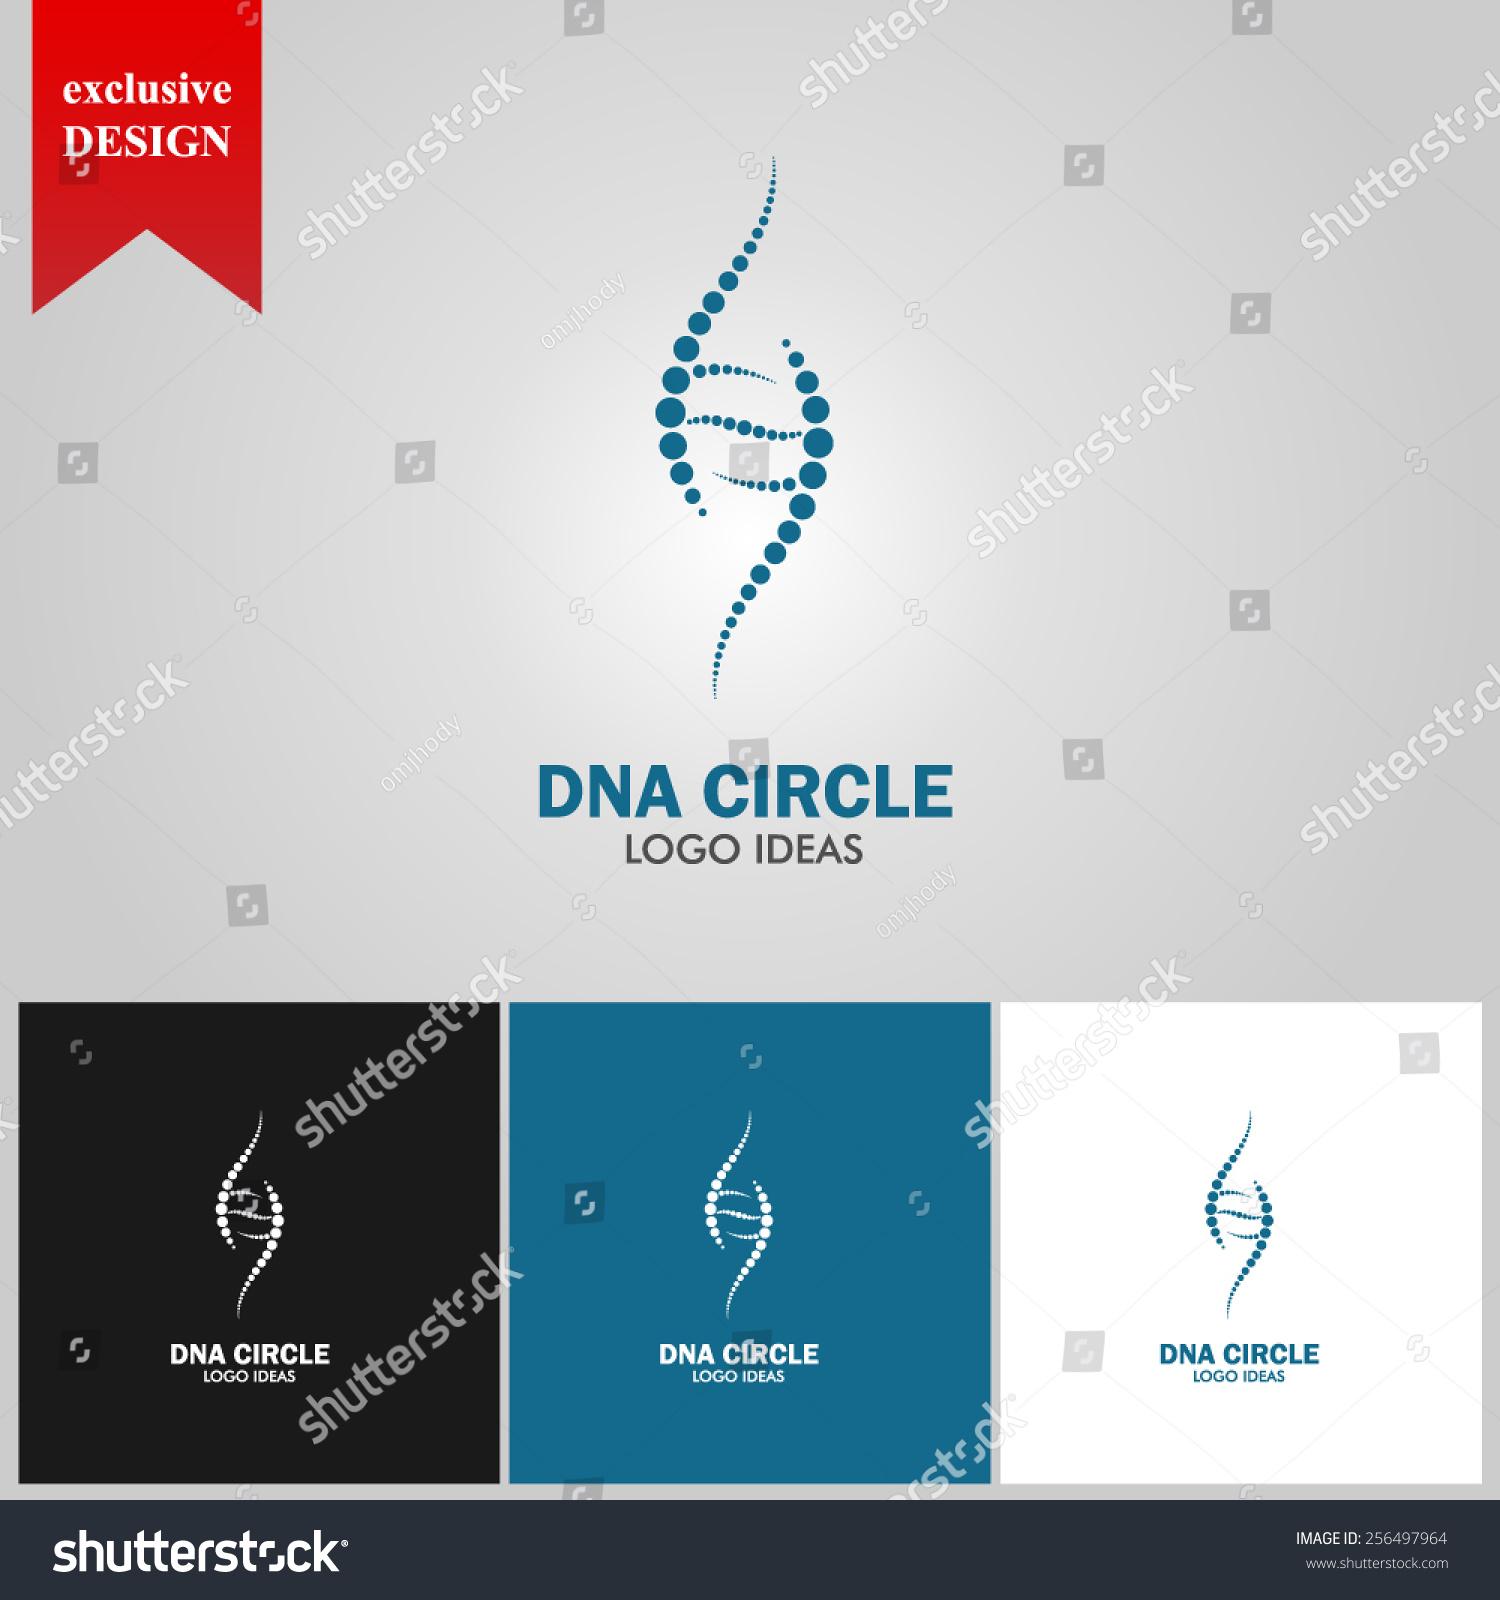 Royalty Free Logo Elements Design Icons Symbols 256497964